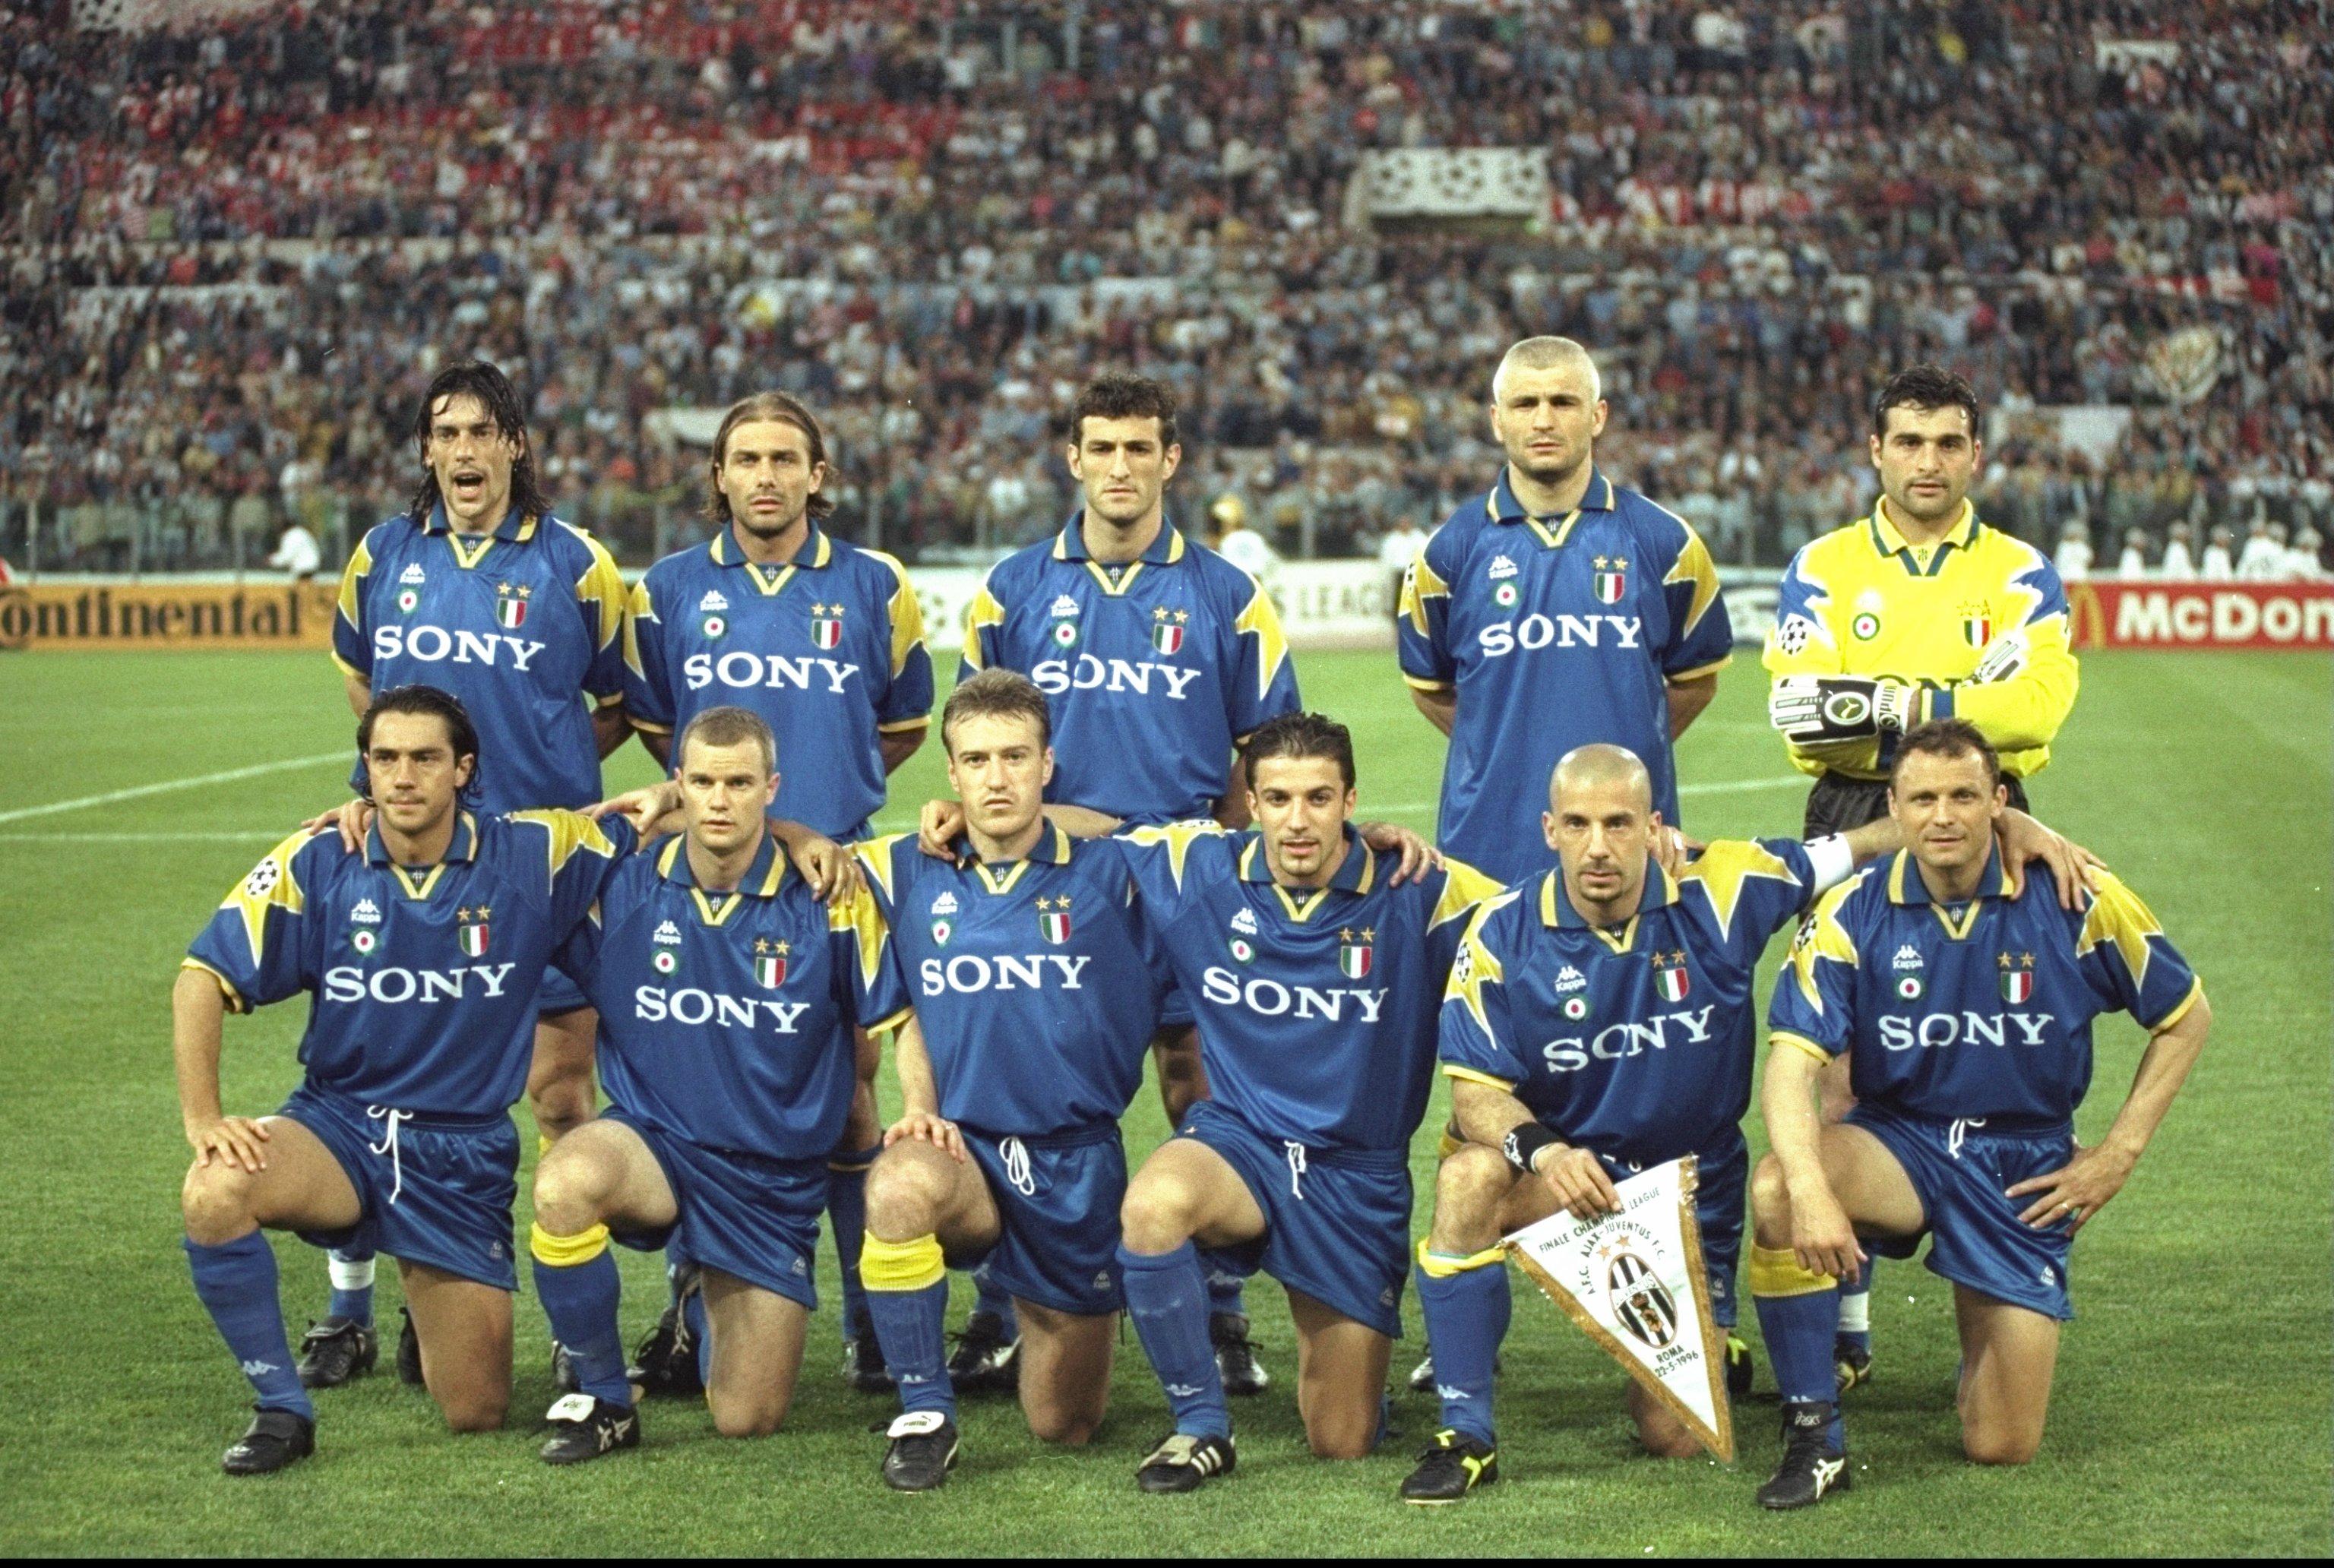 25 лет назад «Ювентус» в последний раз выиграл Лигу чемпионов. В стартовом составе команды вышли 9 итальянцев!